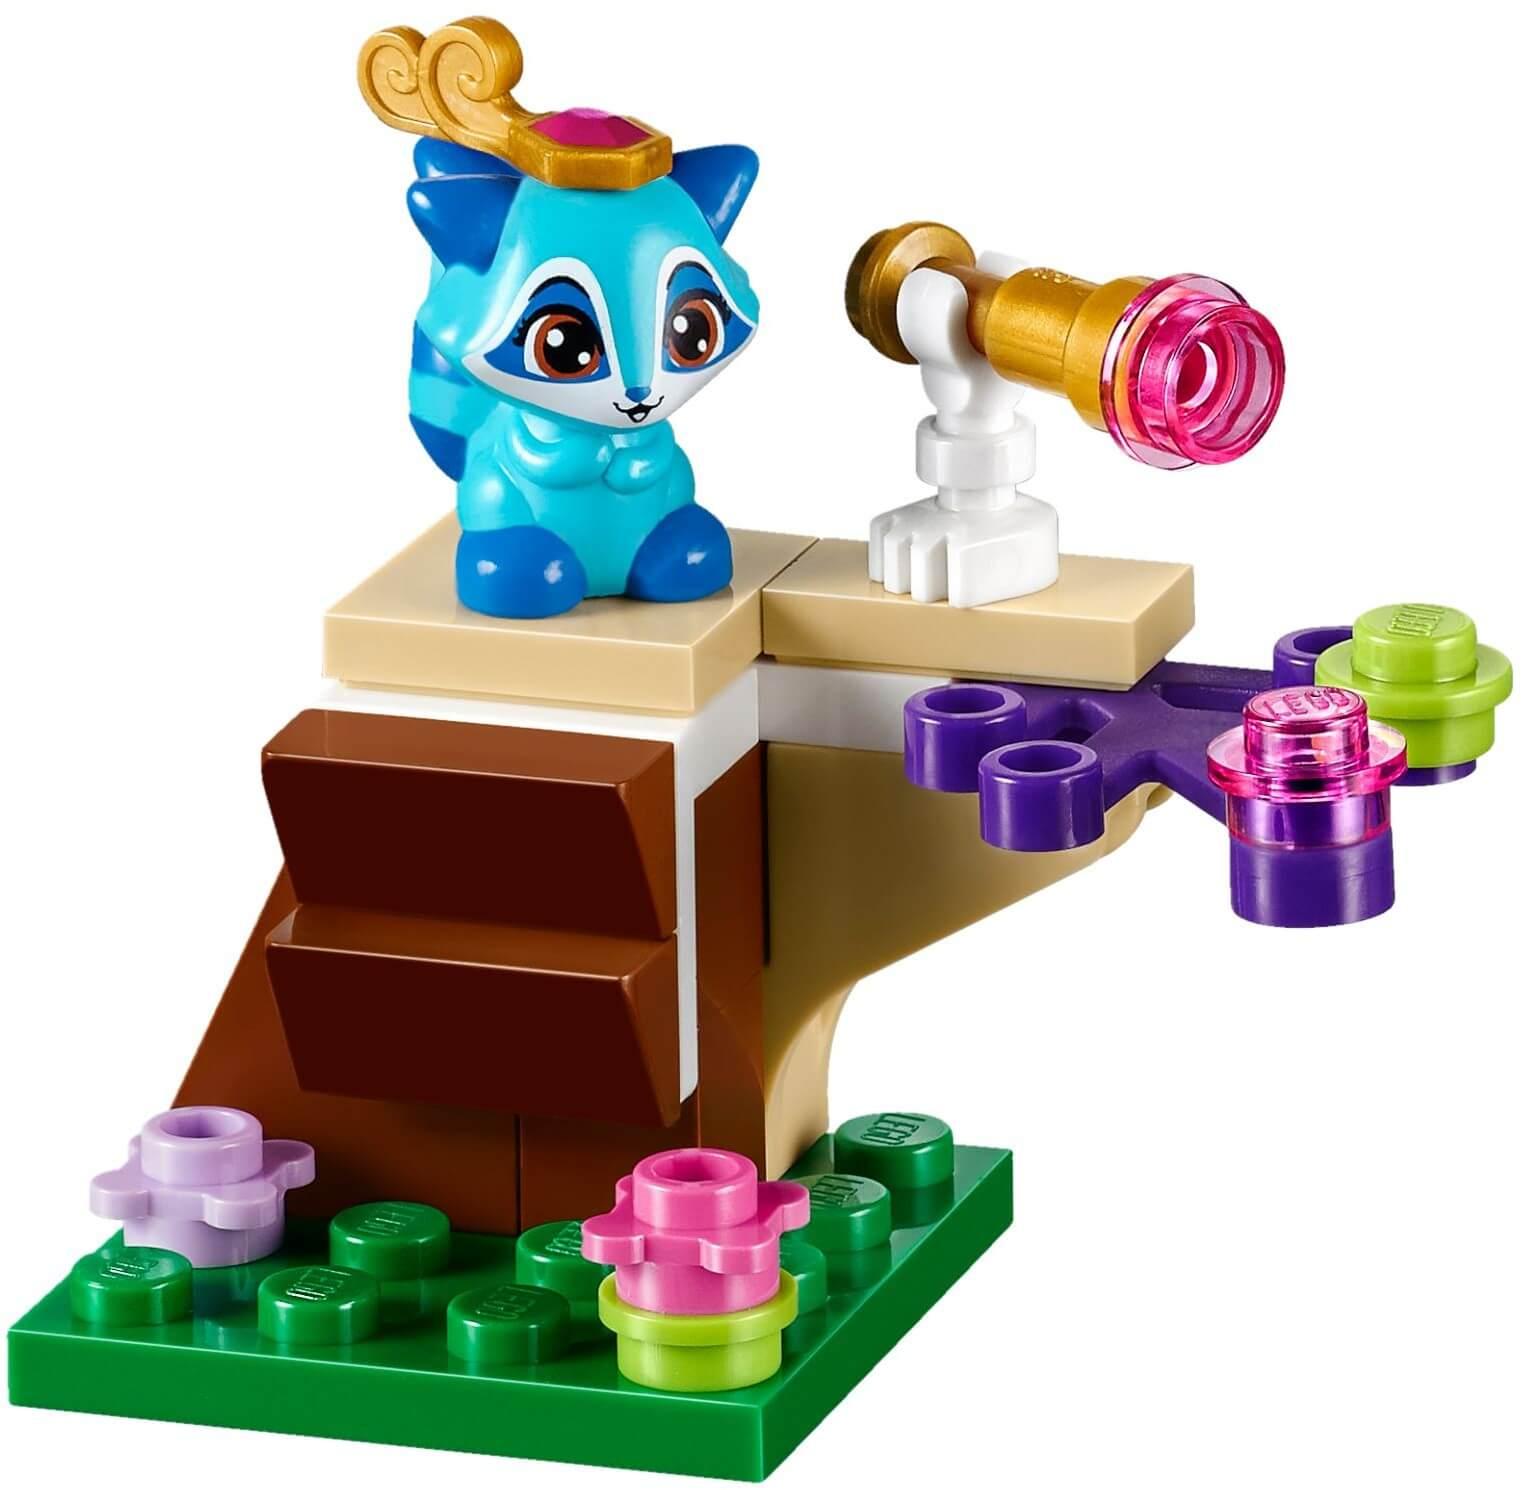 Mua đồ chơi LEGO 41142 - LEGO Công Chúa Disney Princesses 41142 - Cung điện Thú Cưng (LEGO Disney Princesses Palace Pets Royal Castle 41142)